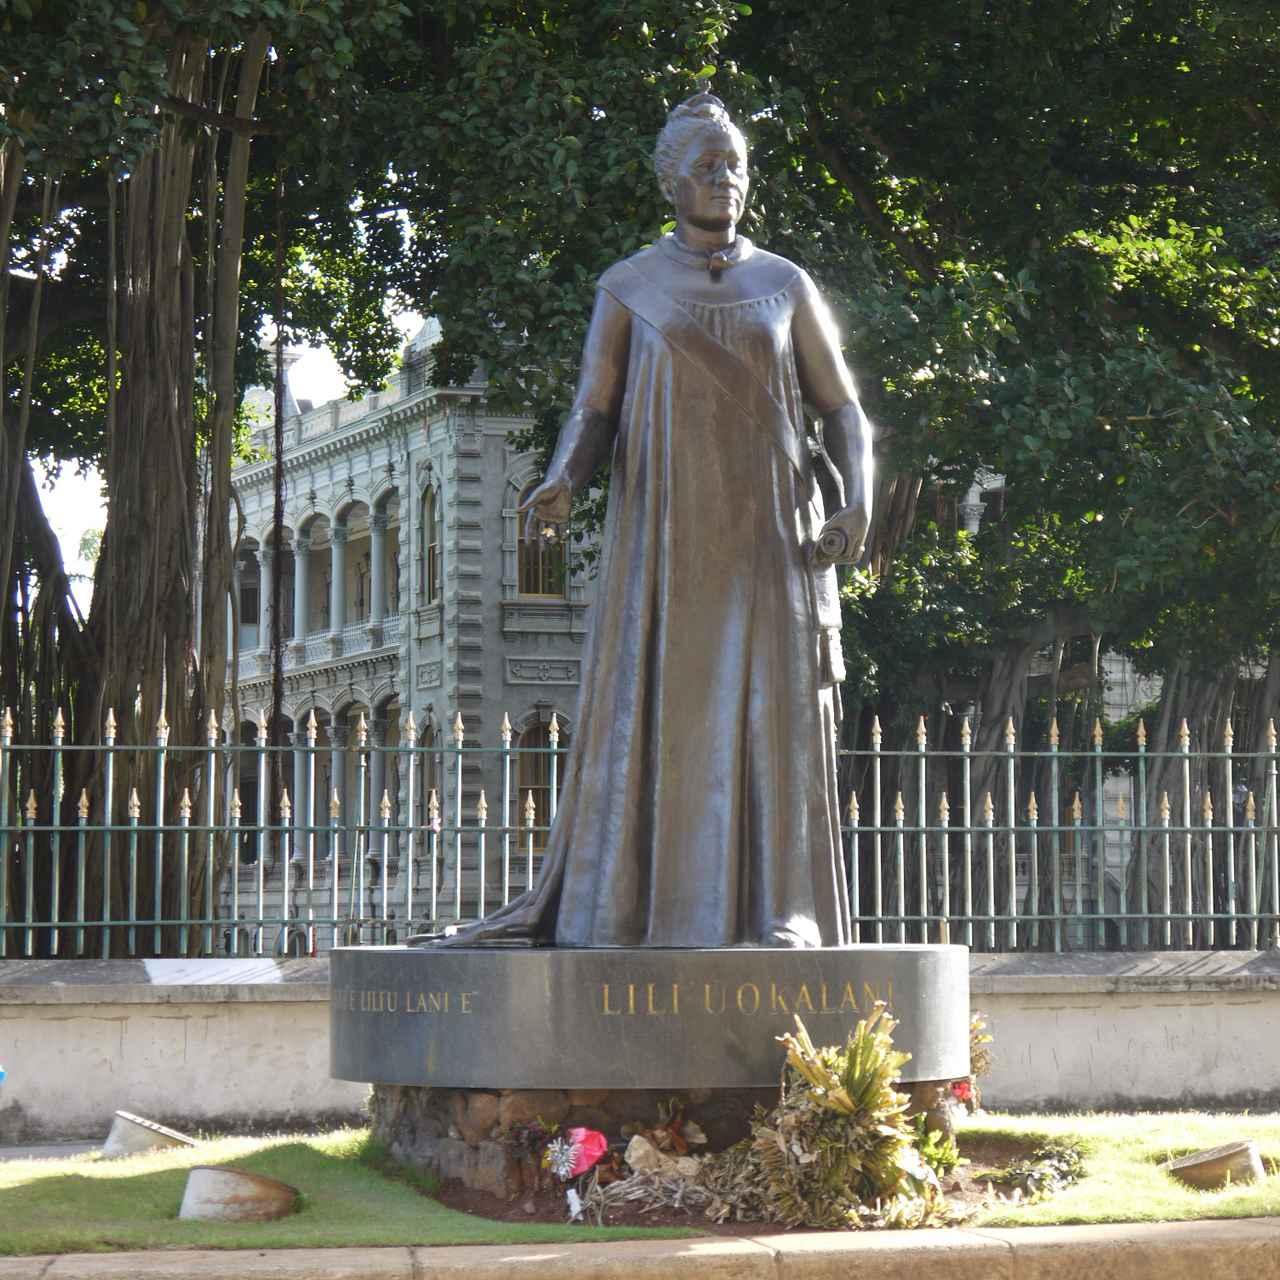 画像: リリウオカラニの像はハワイ州庁舎の裏にイオラニ宮殿に背を向けてひっそりと立っています (撮影:YUKO)